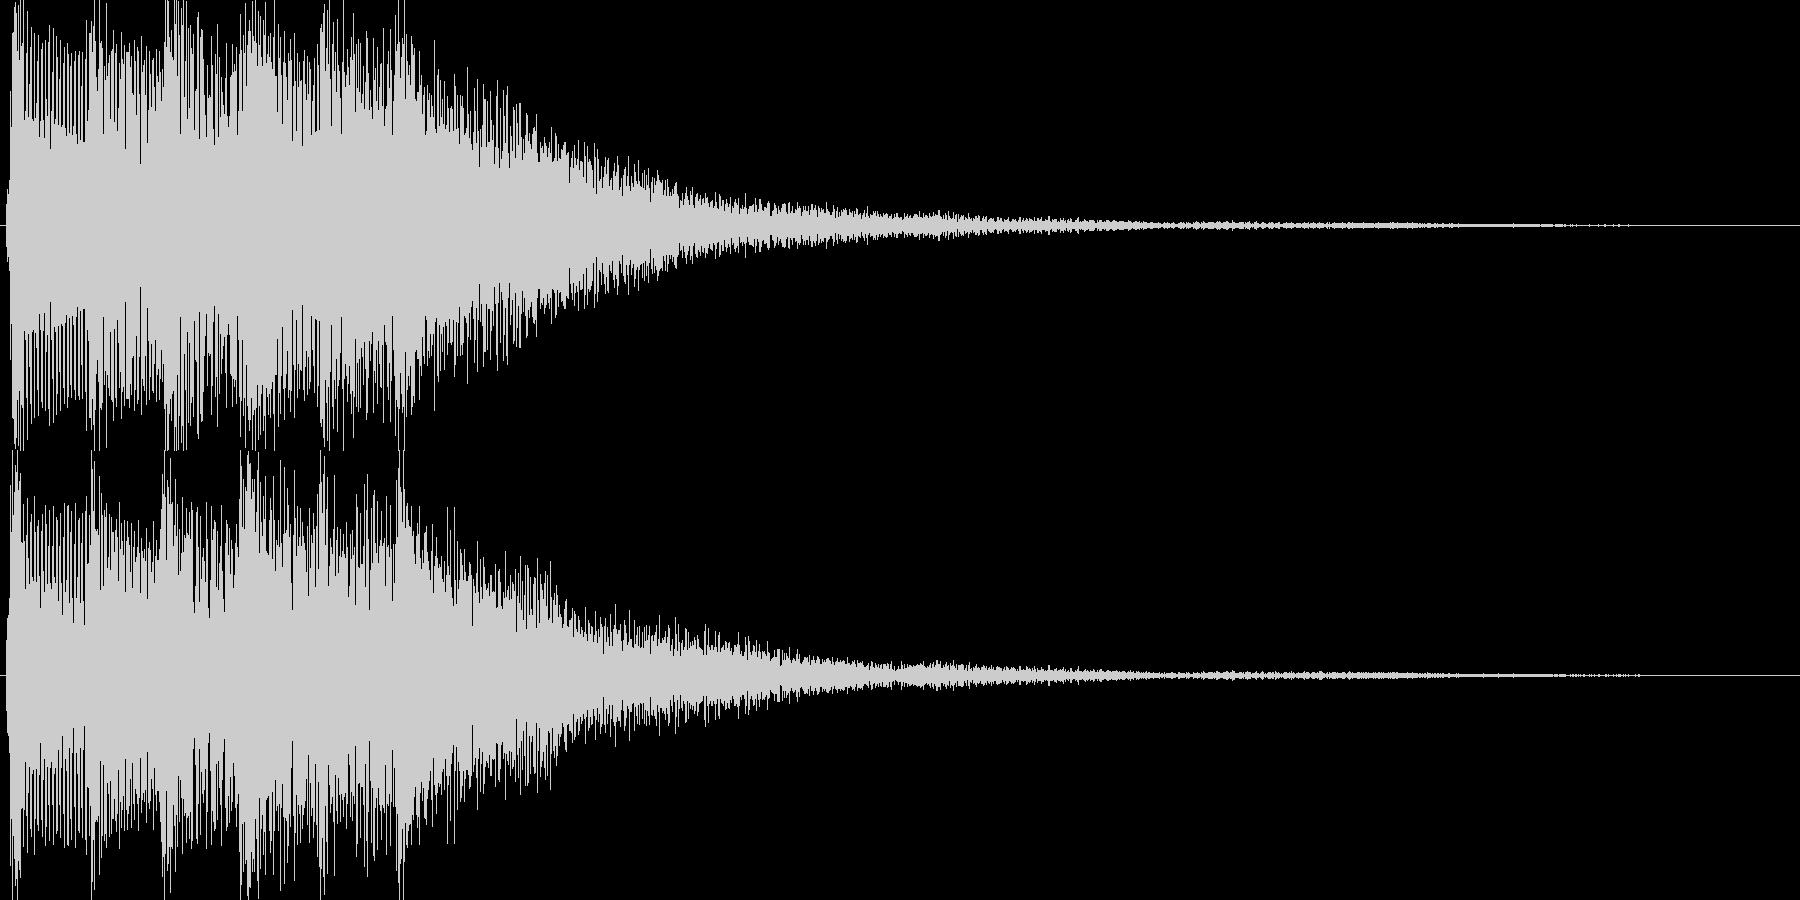 ゲーム(セーブ、レアアイテム入手)などにの未再生の波形